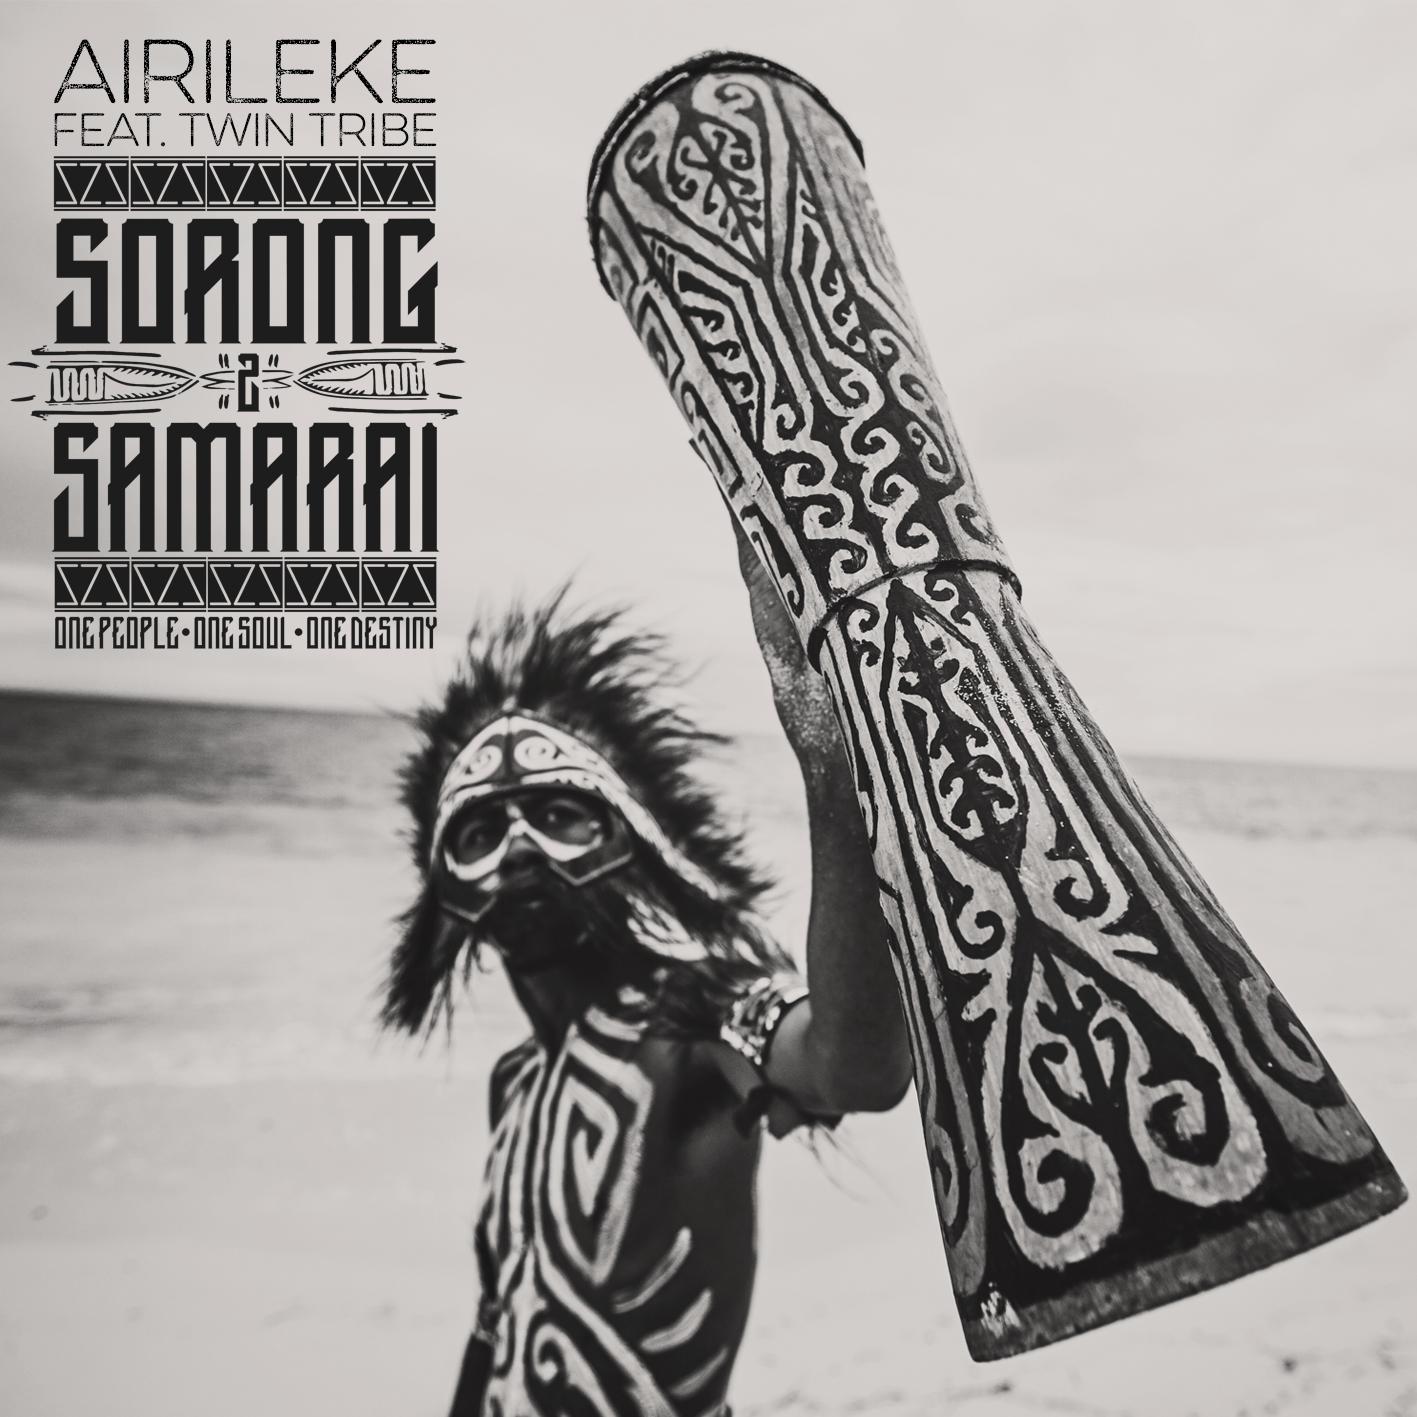 Airileke Ingram - Sorongi Samarai